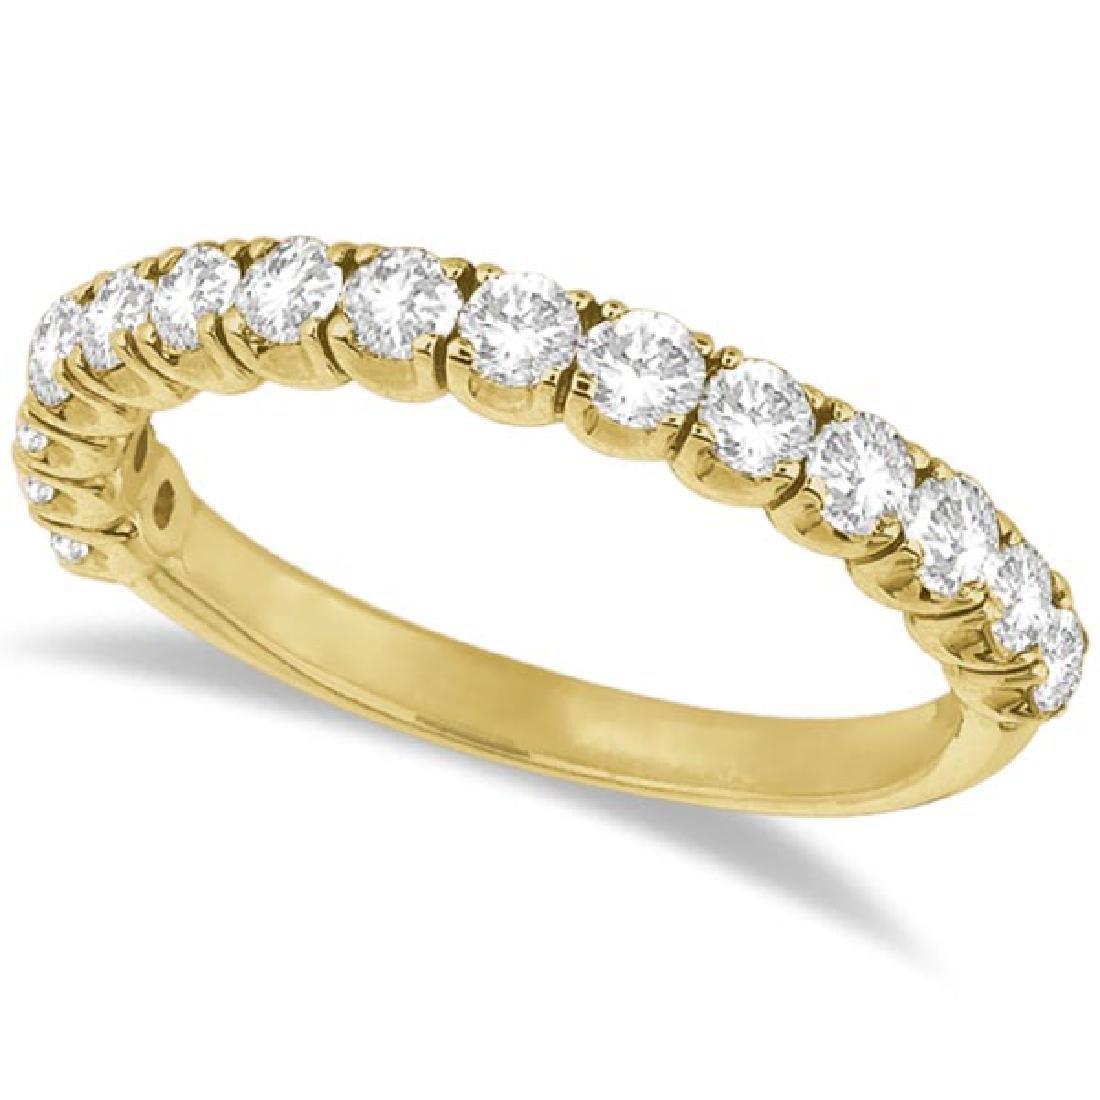 Diamond Wedding Band Anniversary Ring in 14k Yellow Gol